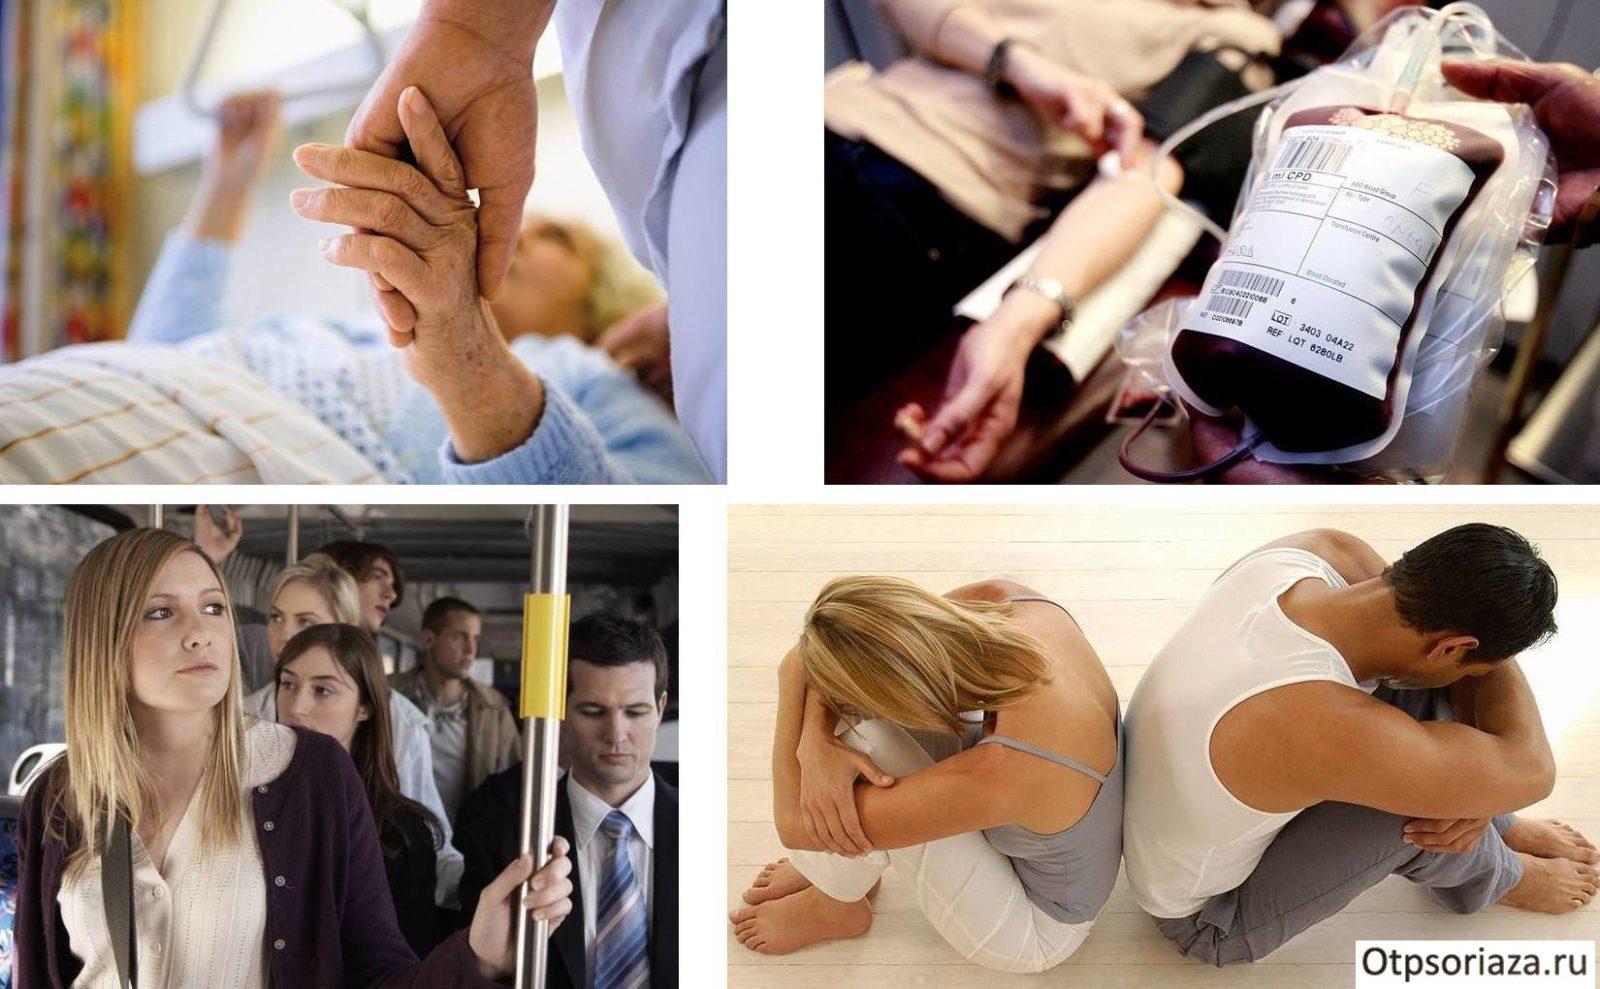 Псориаз передается ли при контакте с больным